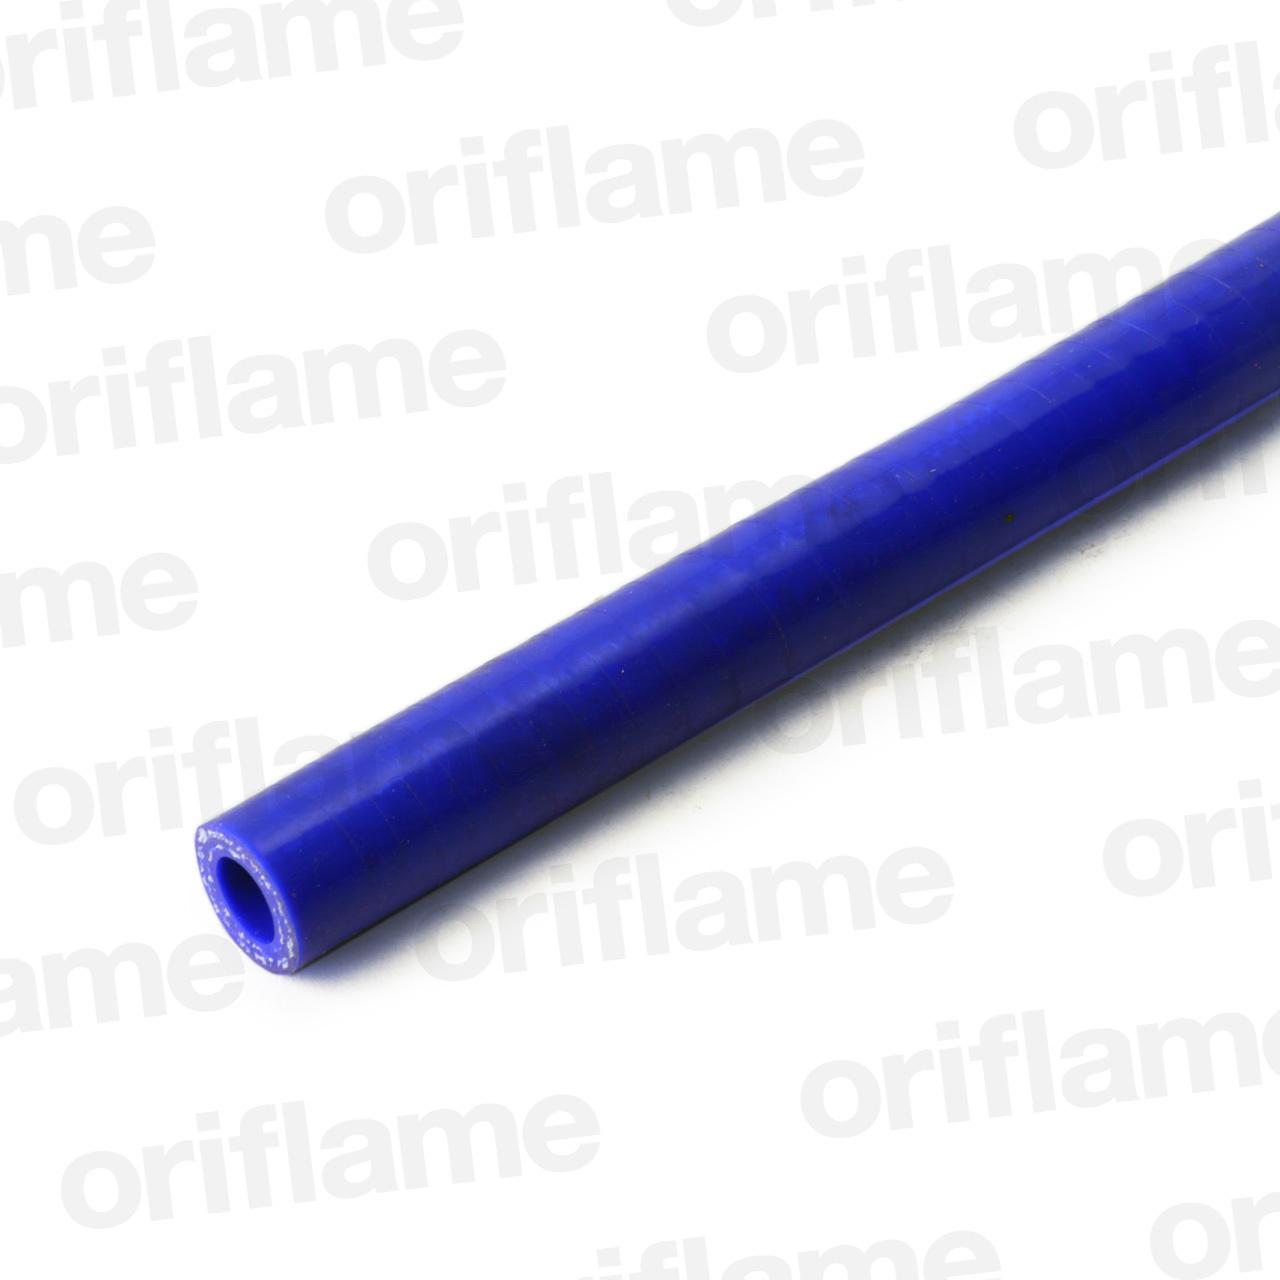 ストレートホース・内径11mm・ブルー